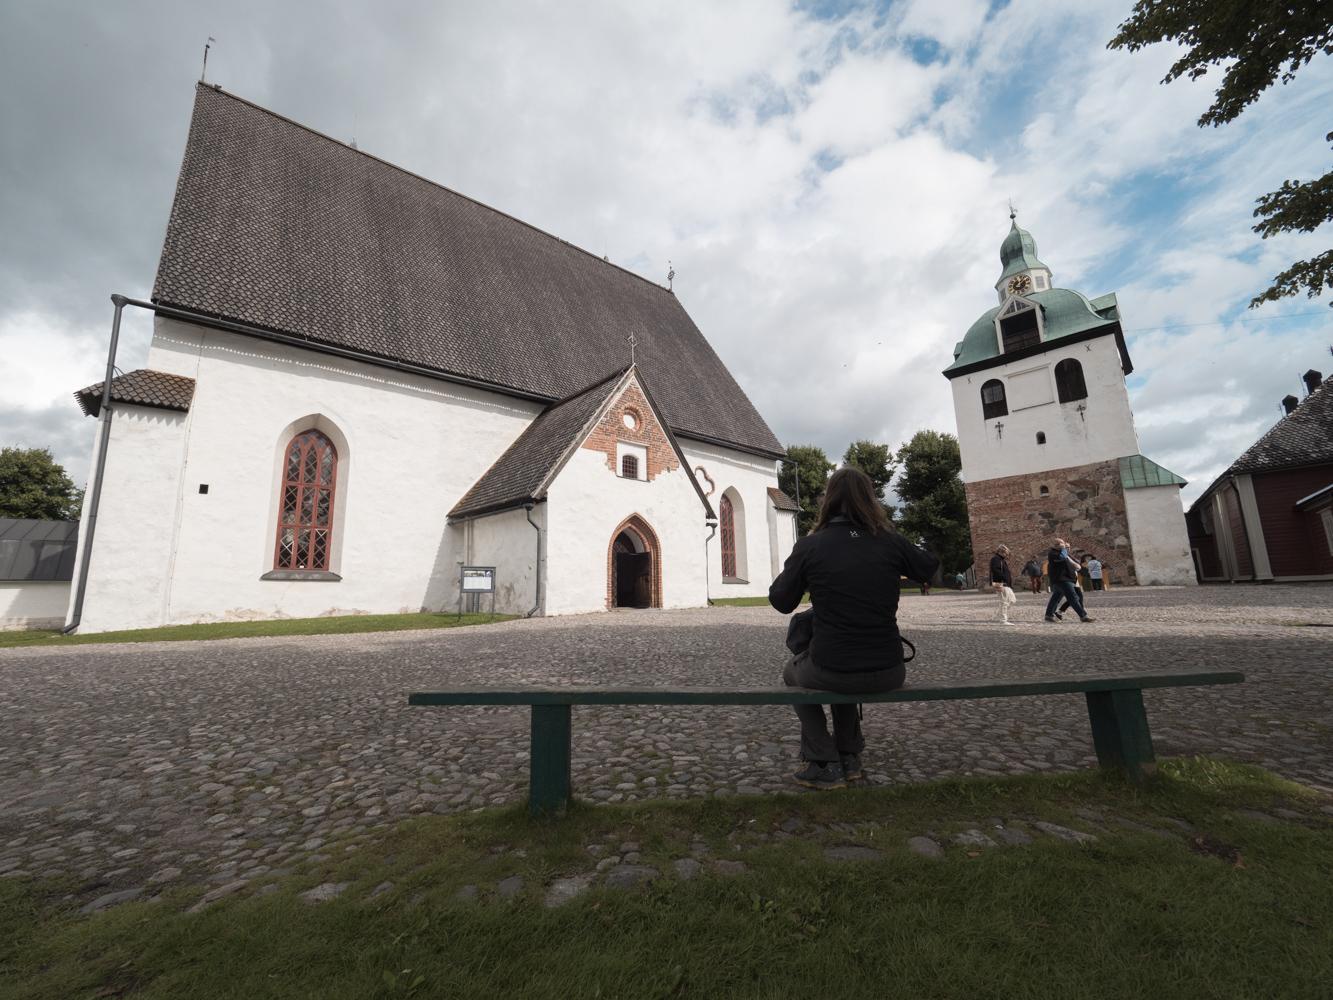 Der Dom von Porvoo aus dem 13. Jahrhundert